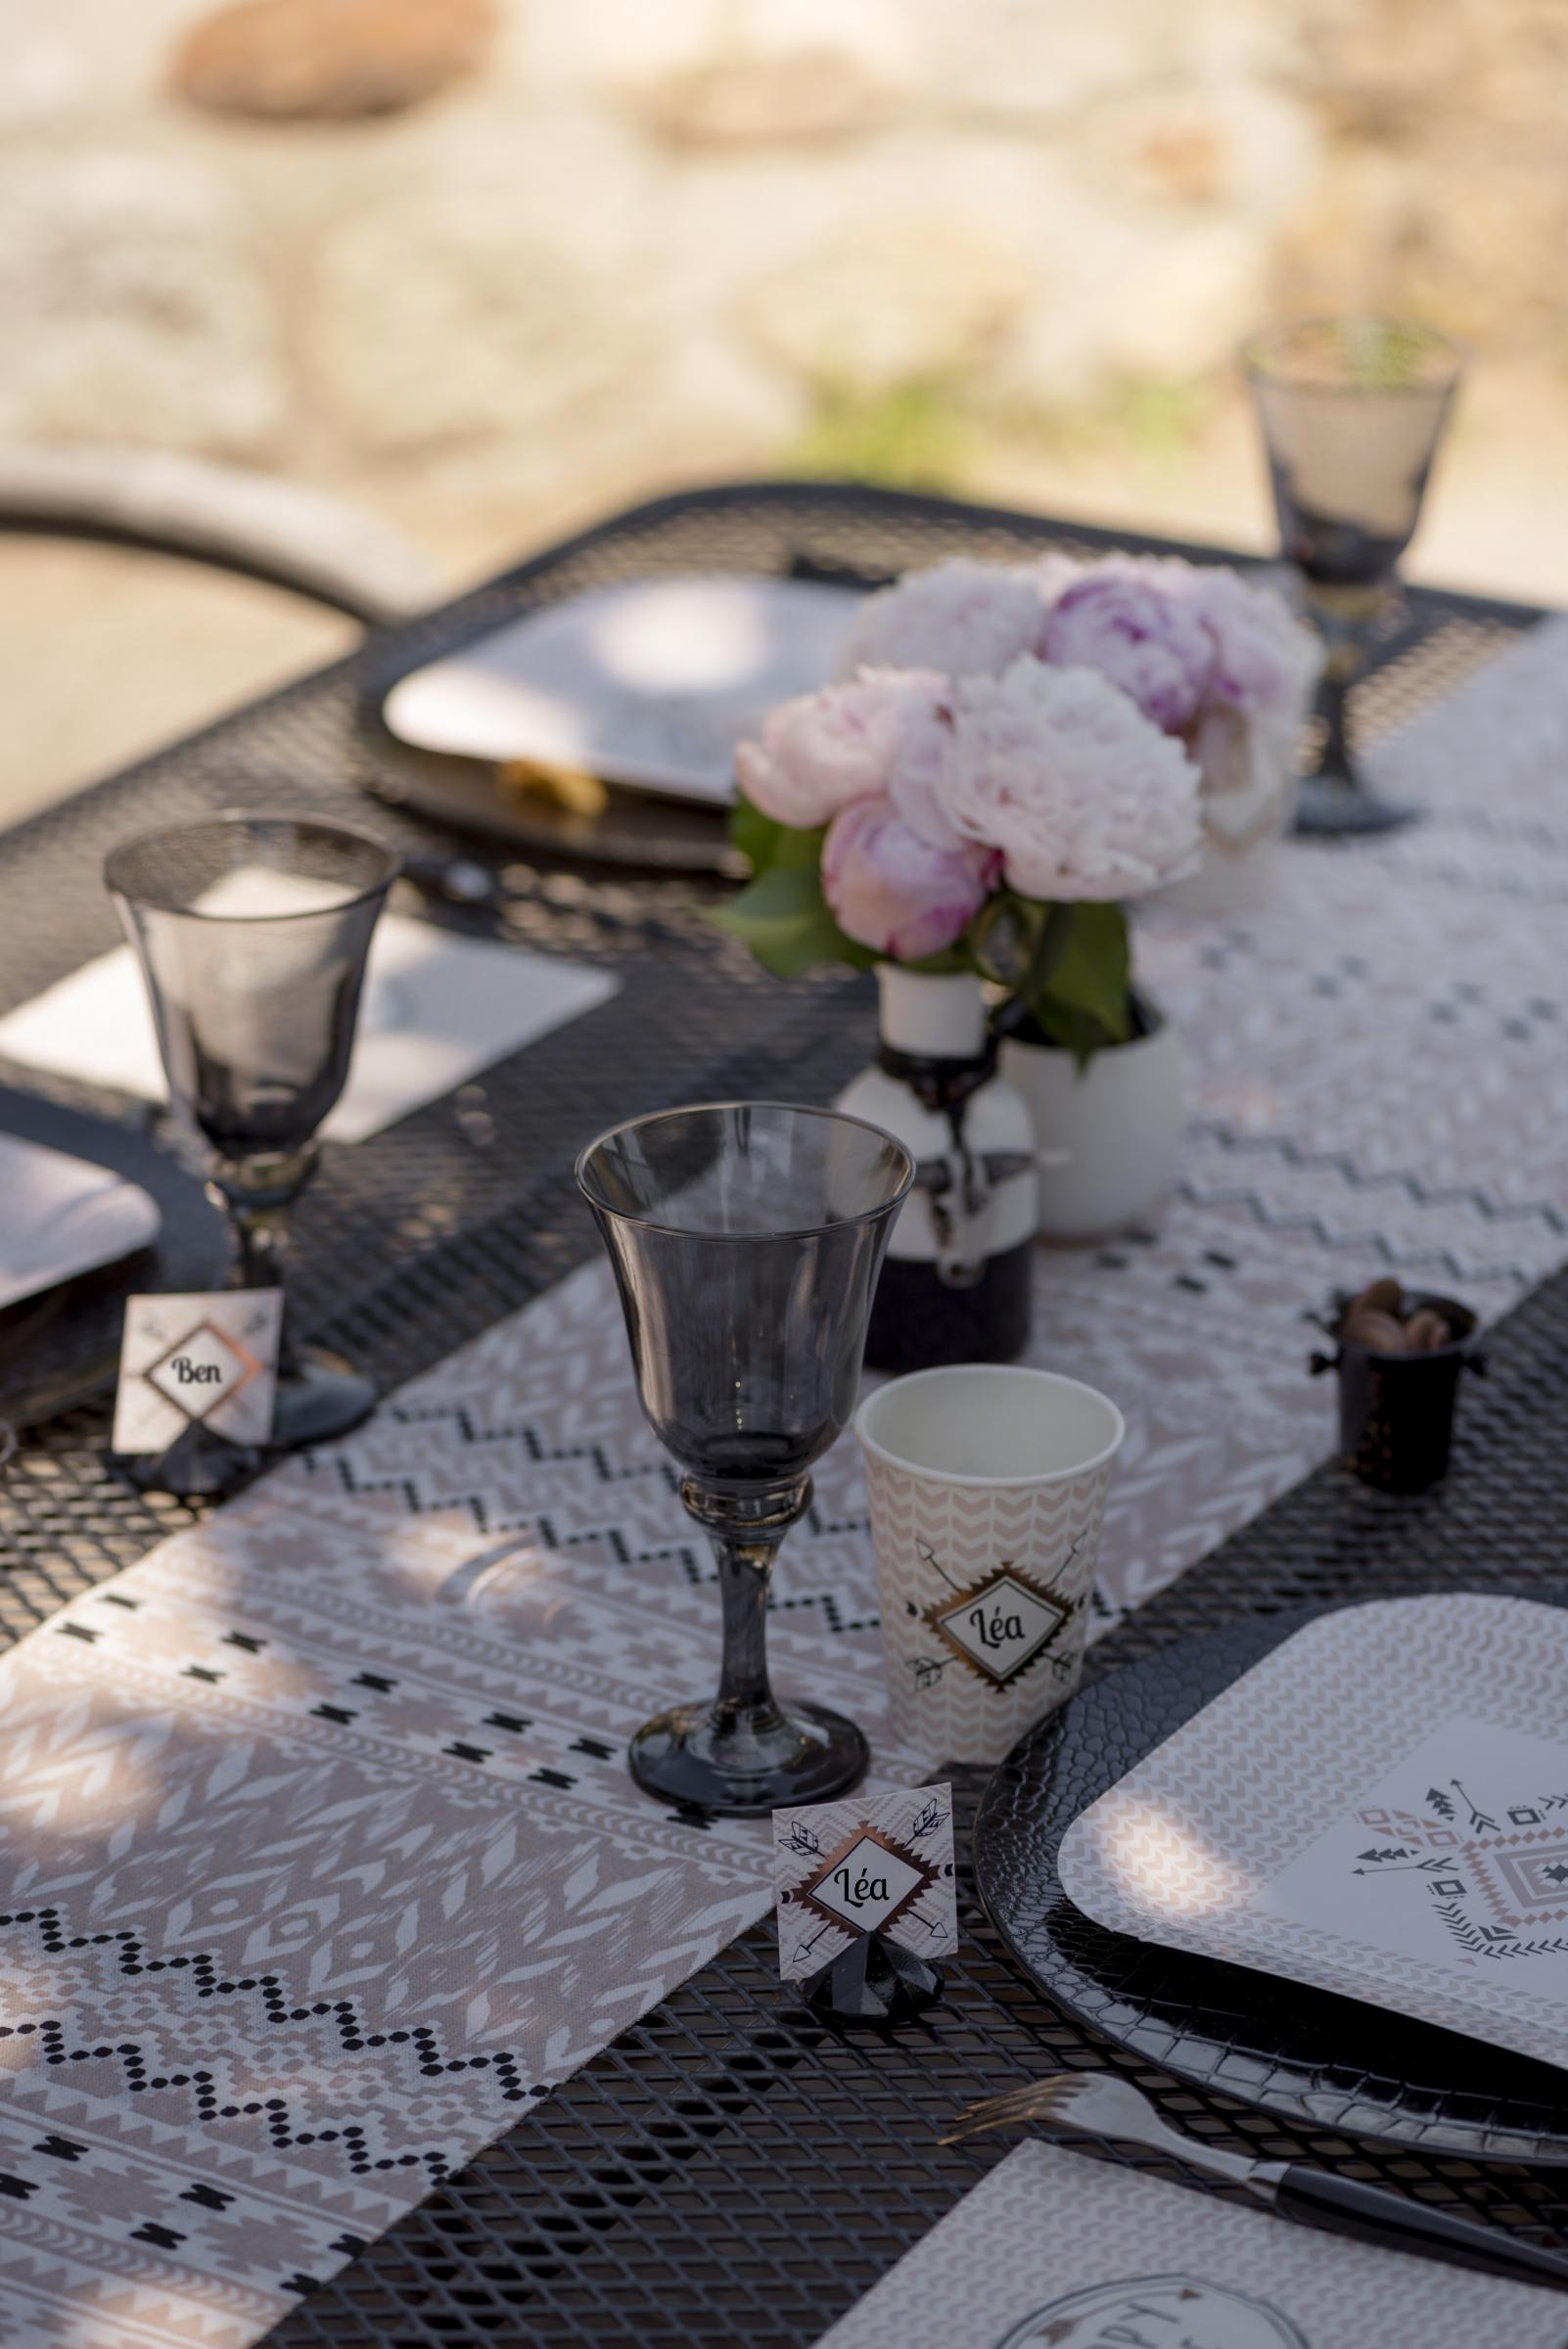 chemin de table en coton ethnique rose poudr 28 cm x 3 m. Black Bedroom Furniture Sets. Home Design Ideas